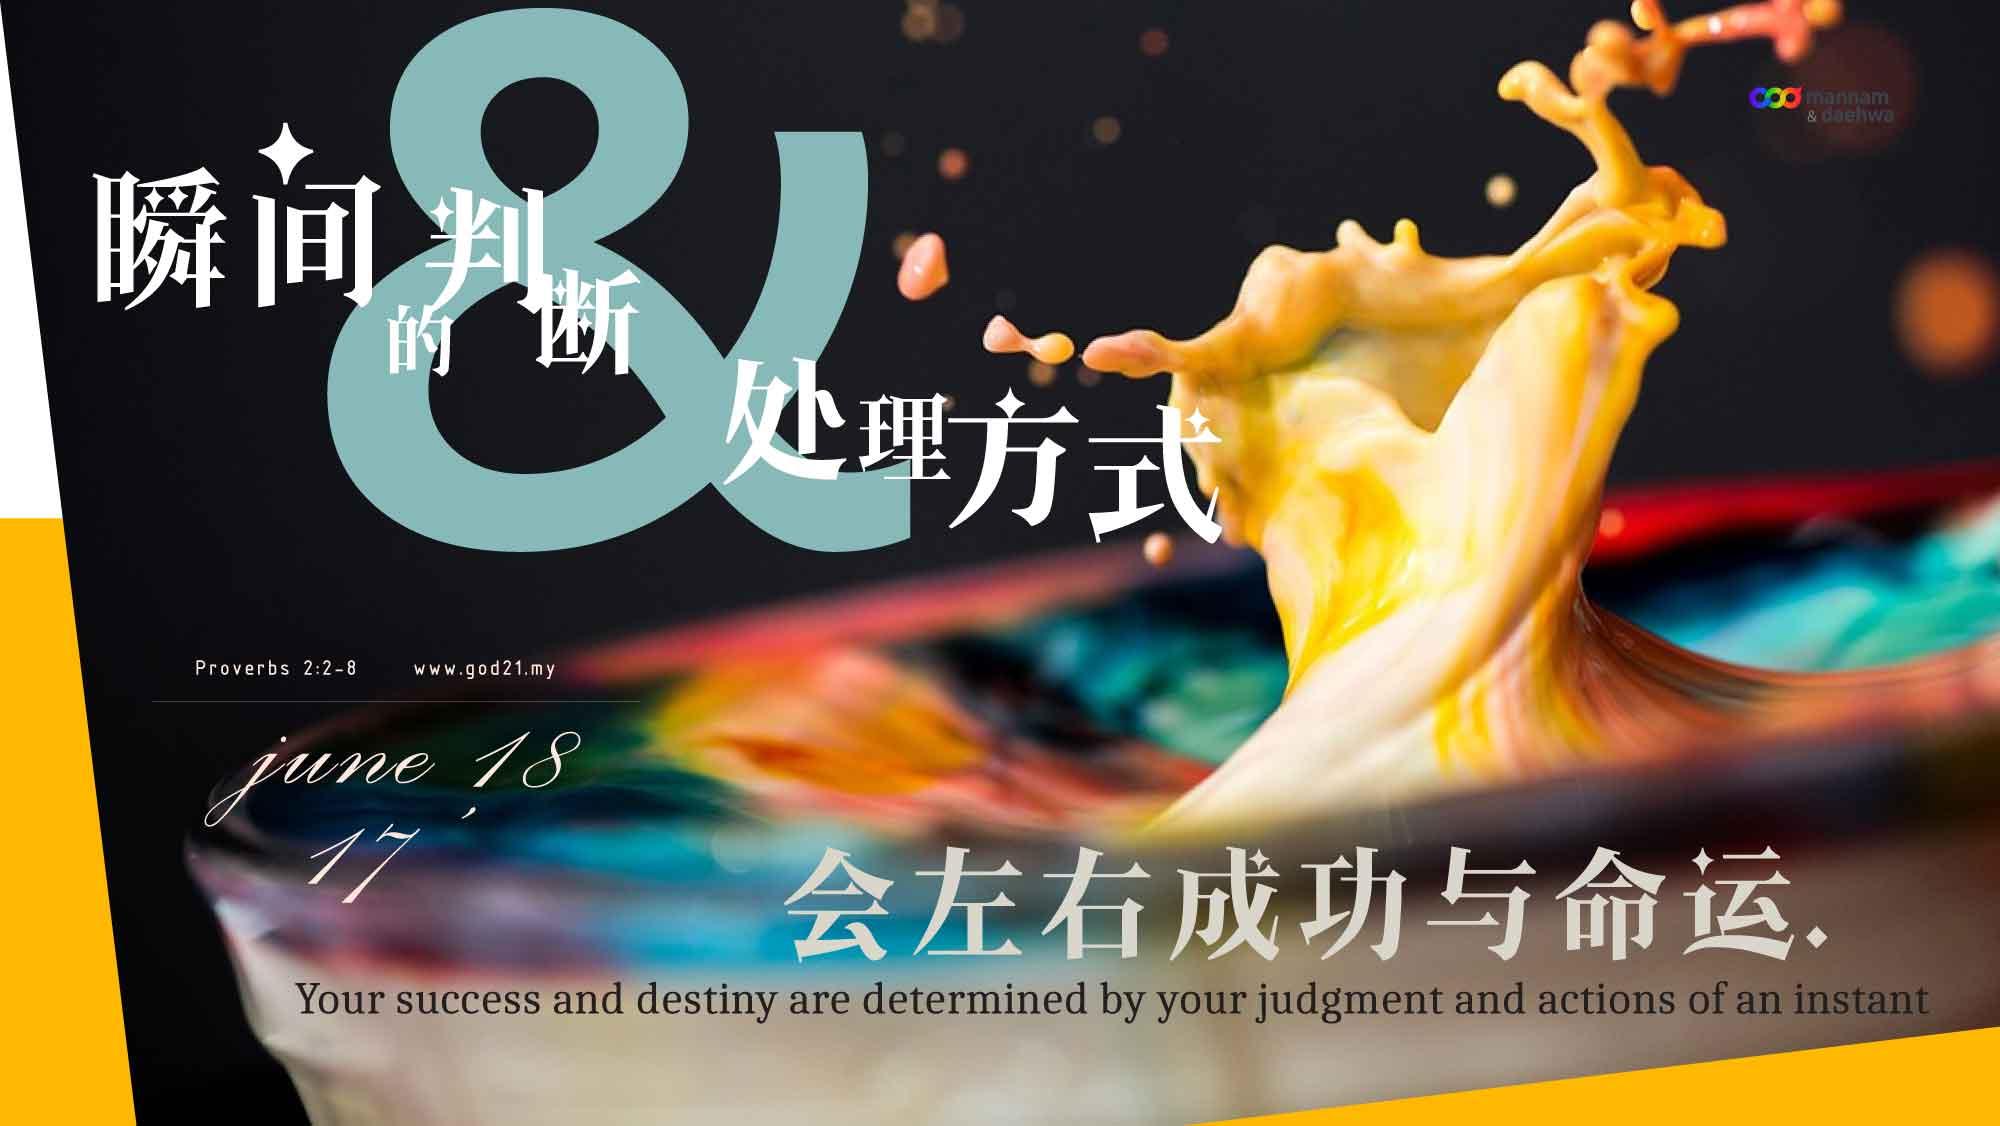 瞬间的判断和处理方式会左右成功与命运